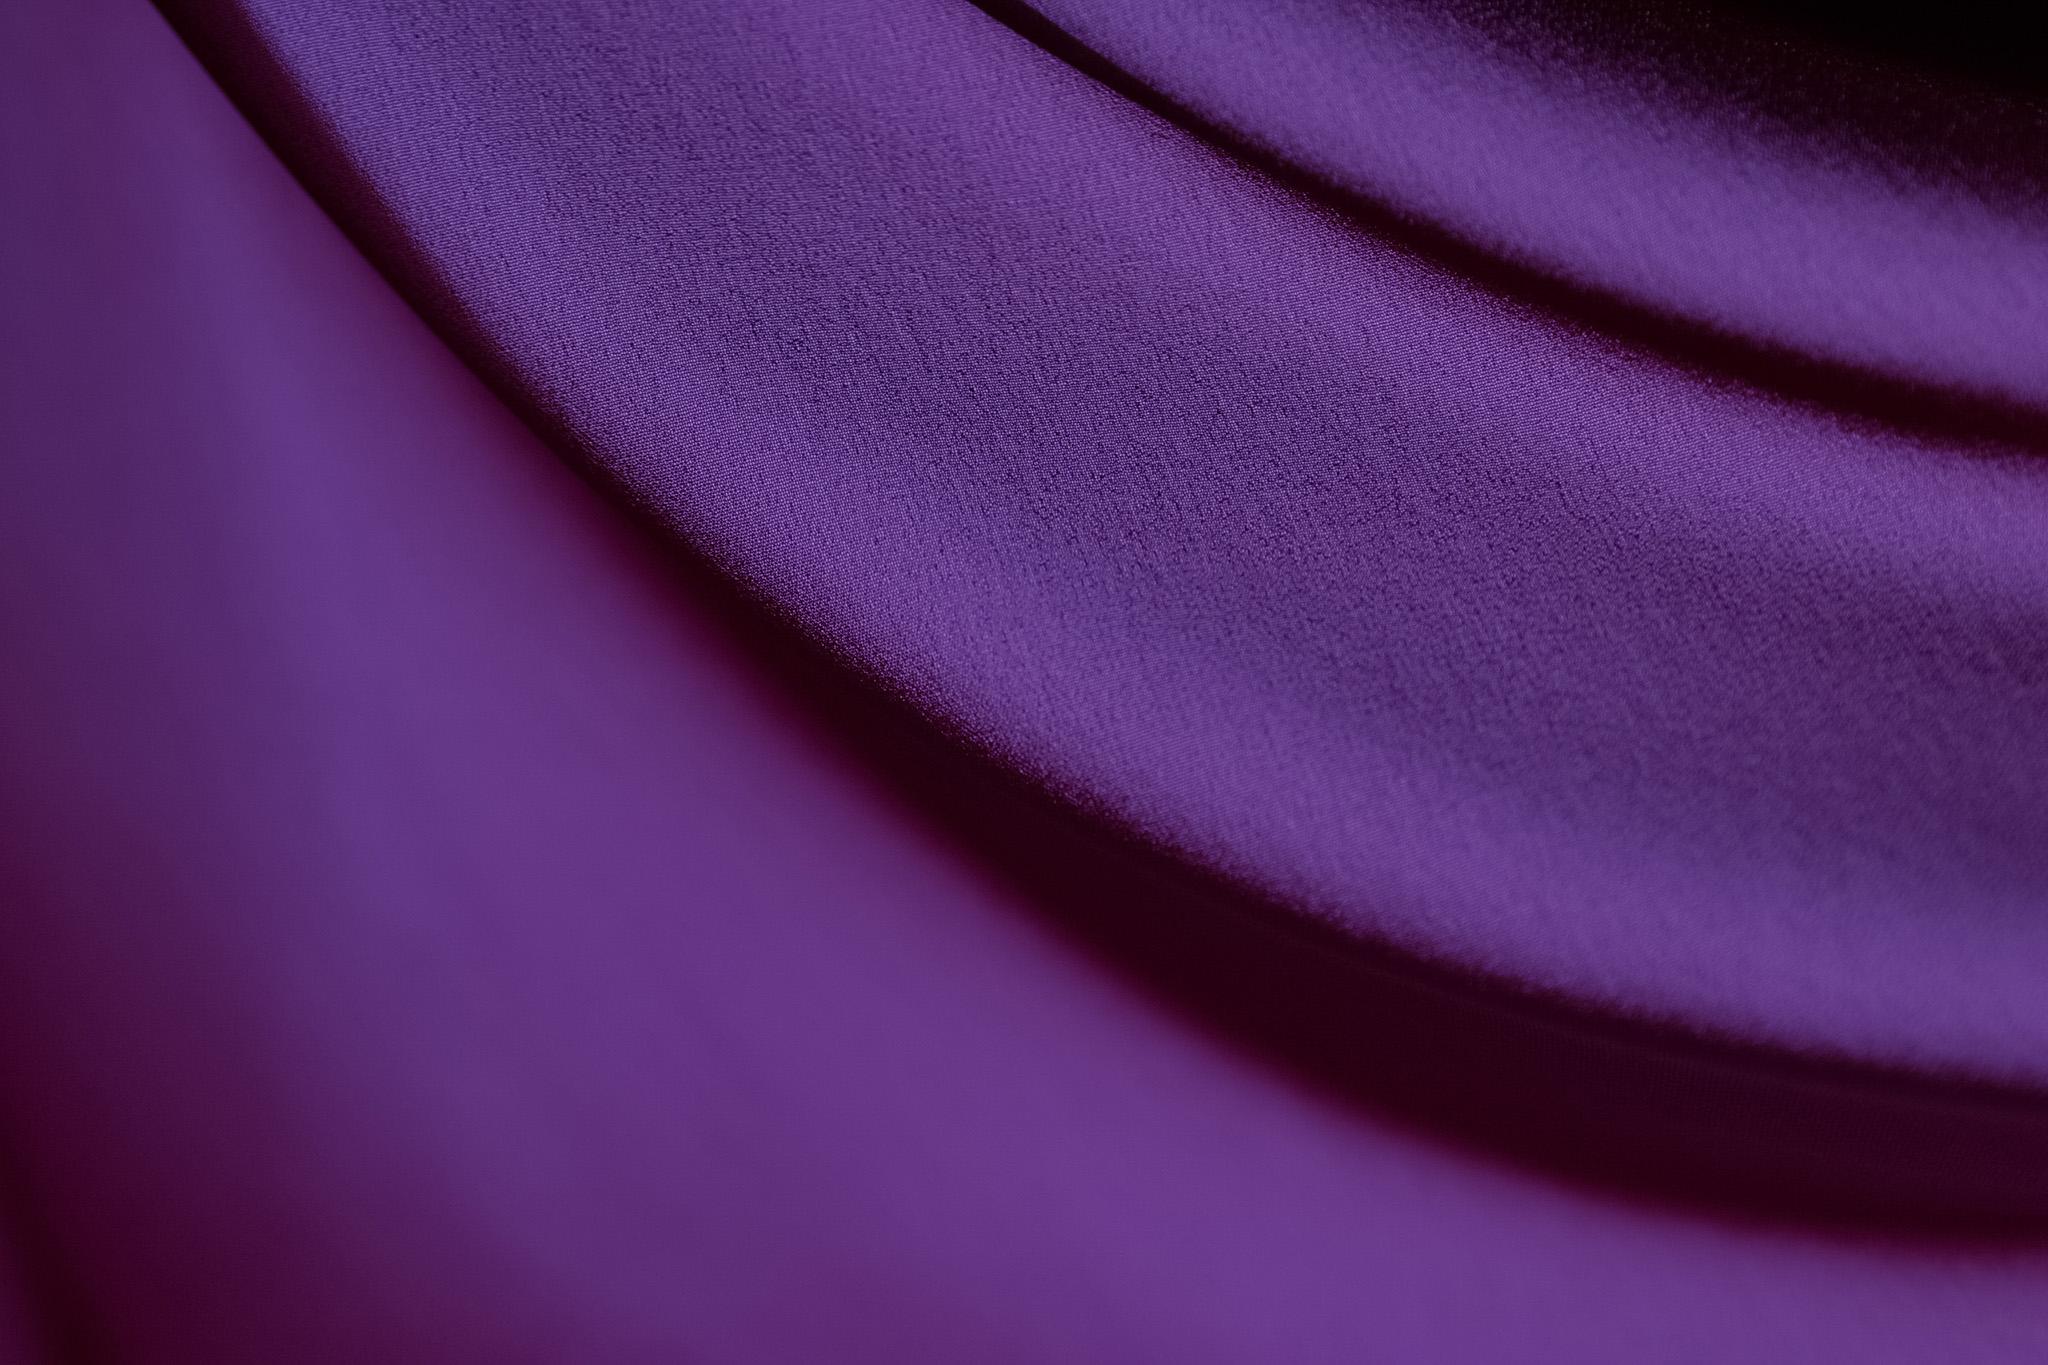 「紫色の布地の背景イメージ」の素材を無料ダウンロード